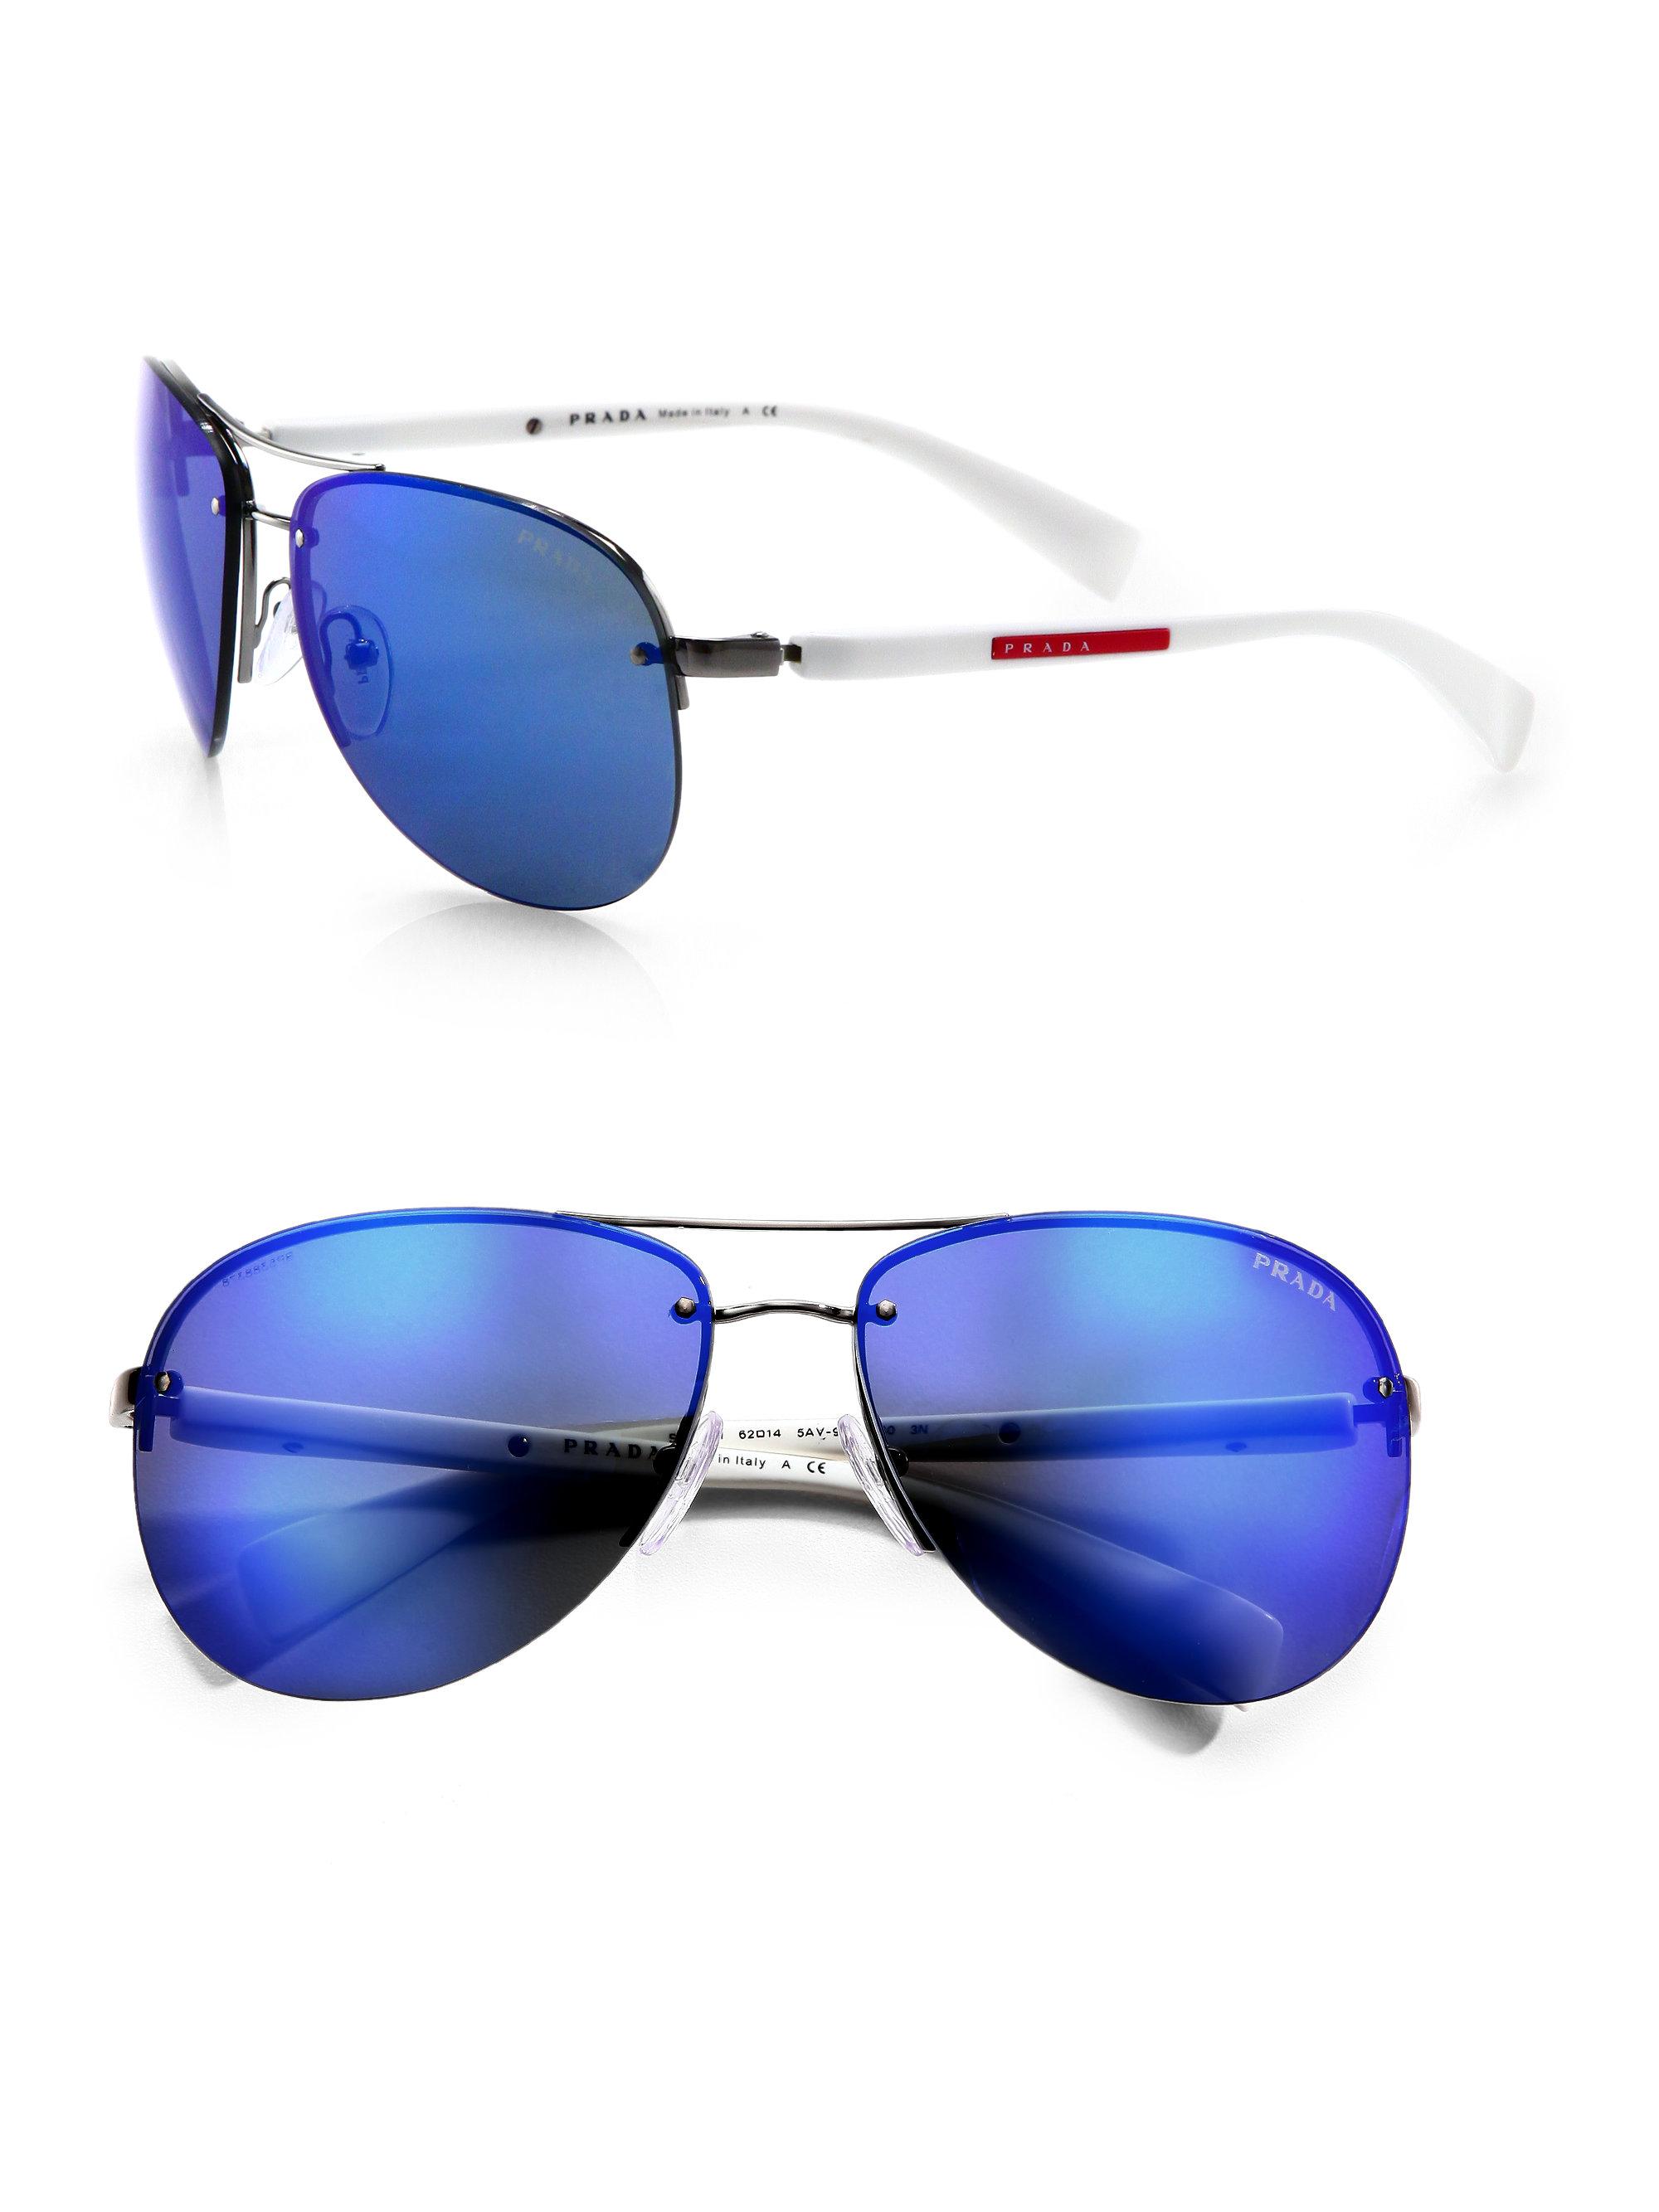 c5fb0e8740bd ... spain lyst prada metal aviator sunglasses in blue for men 0ba5c 9853d